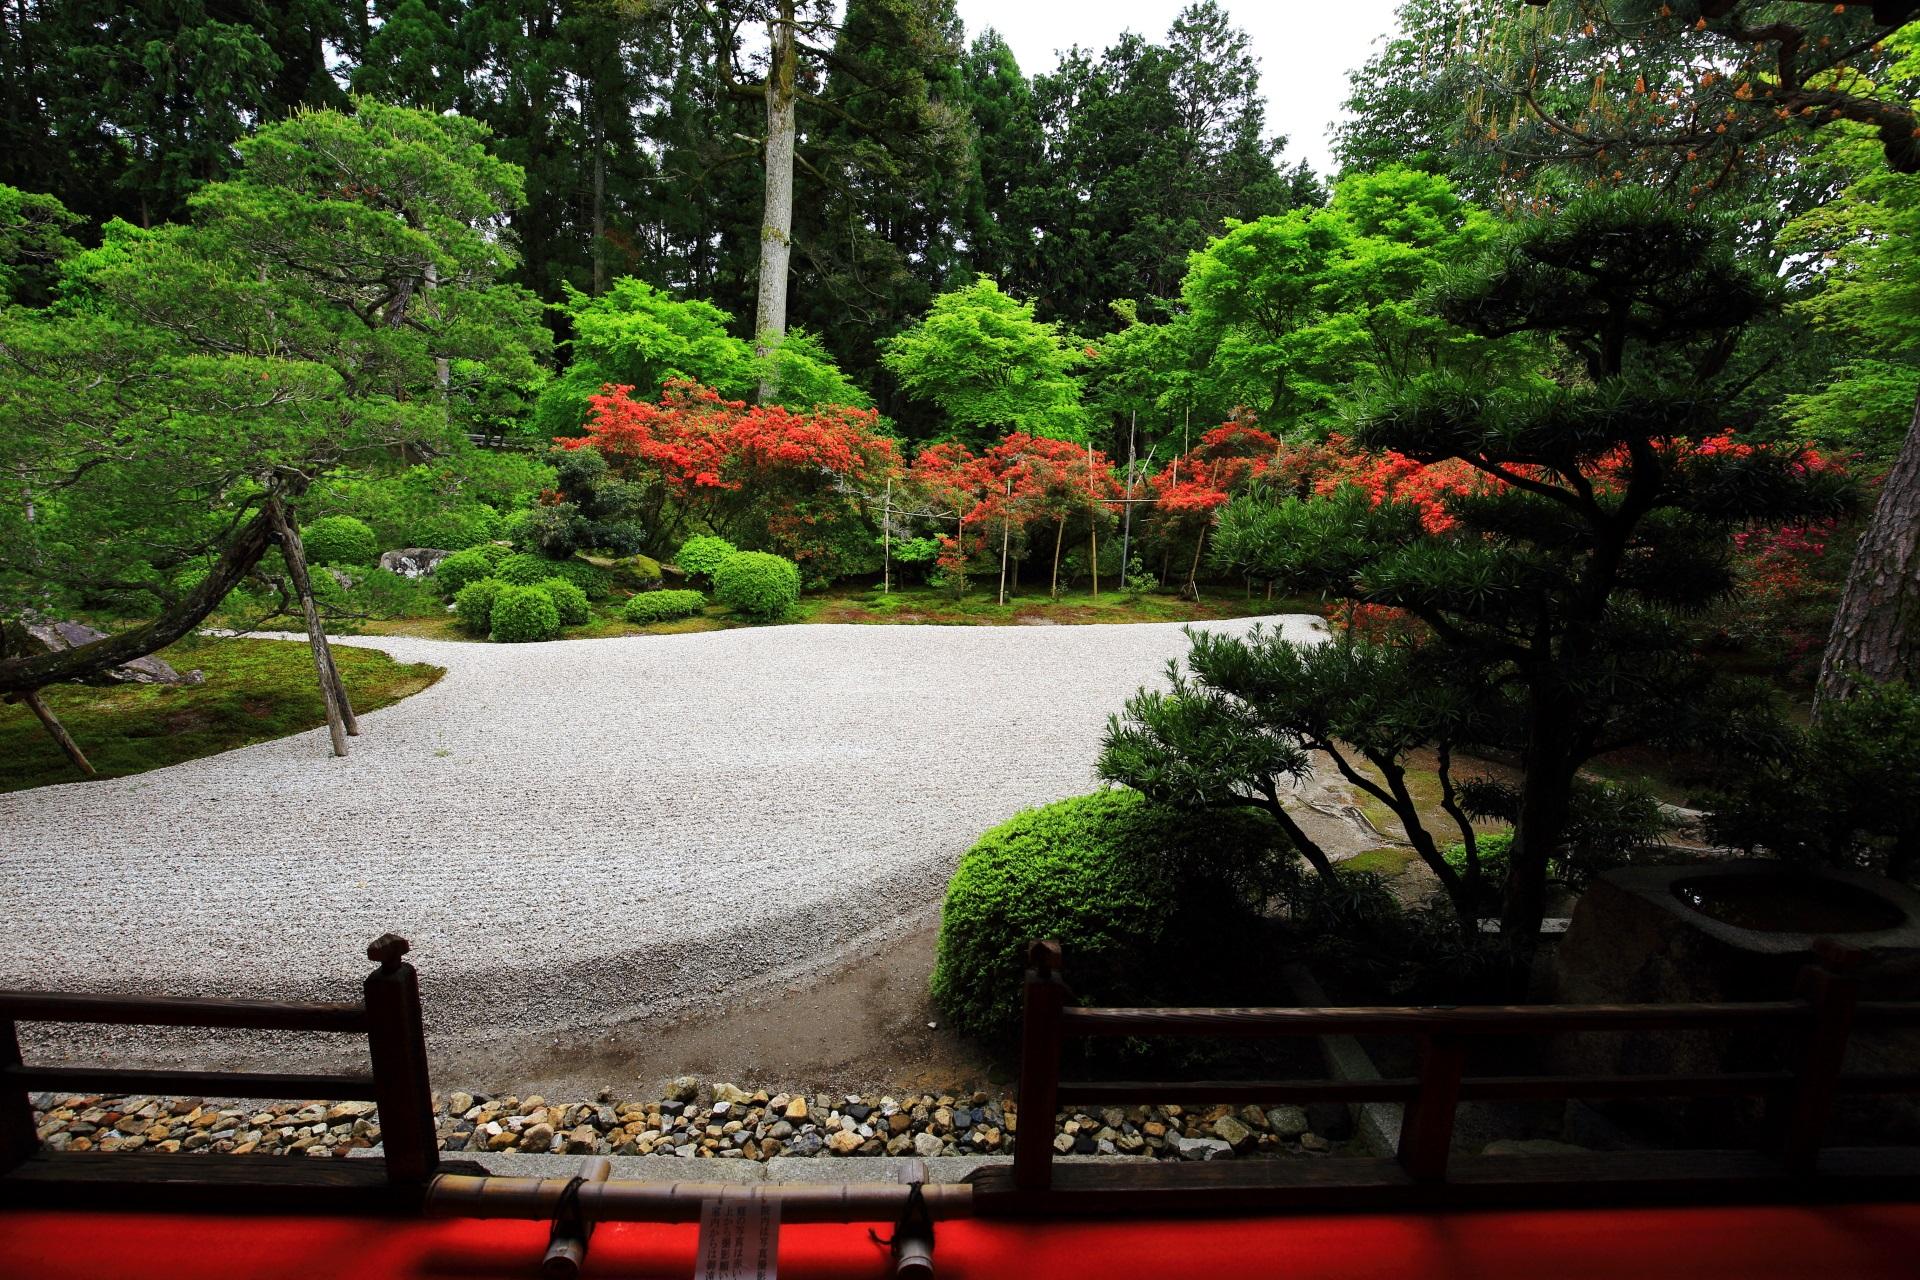 緑と赤につつまれる曼殊院の上品な白砂の枯山水庭園